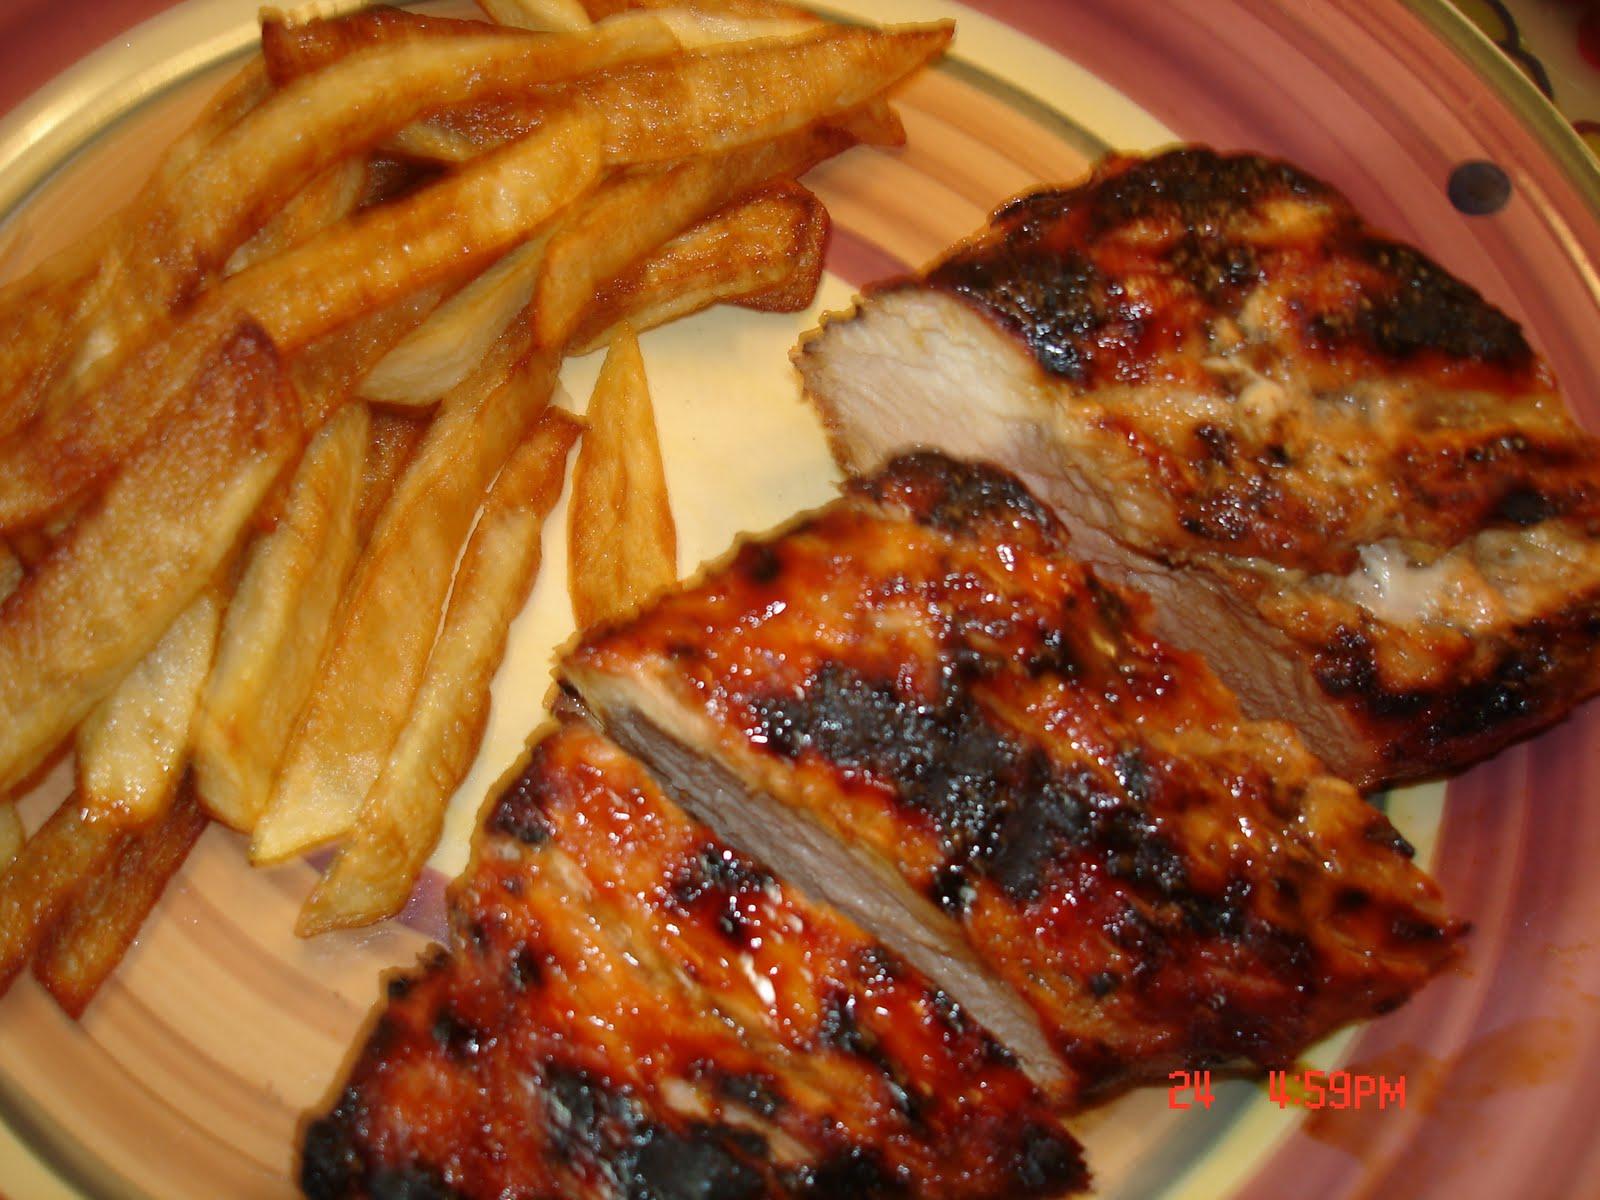 Comment faire cuire filet porc bbq - Comment cuisiner des filets de maquereaux ...